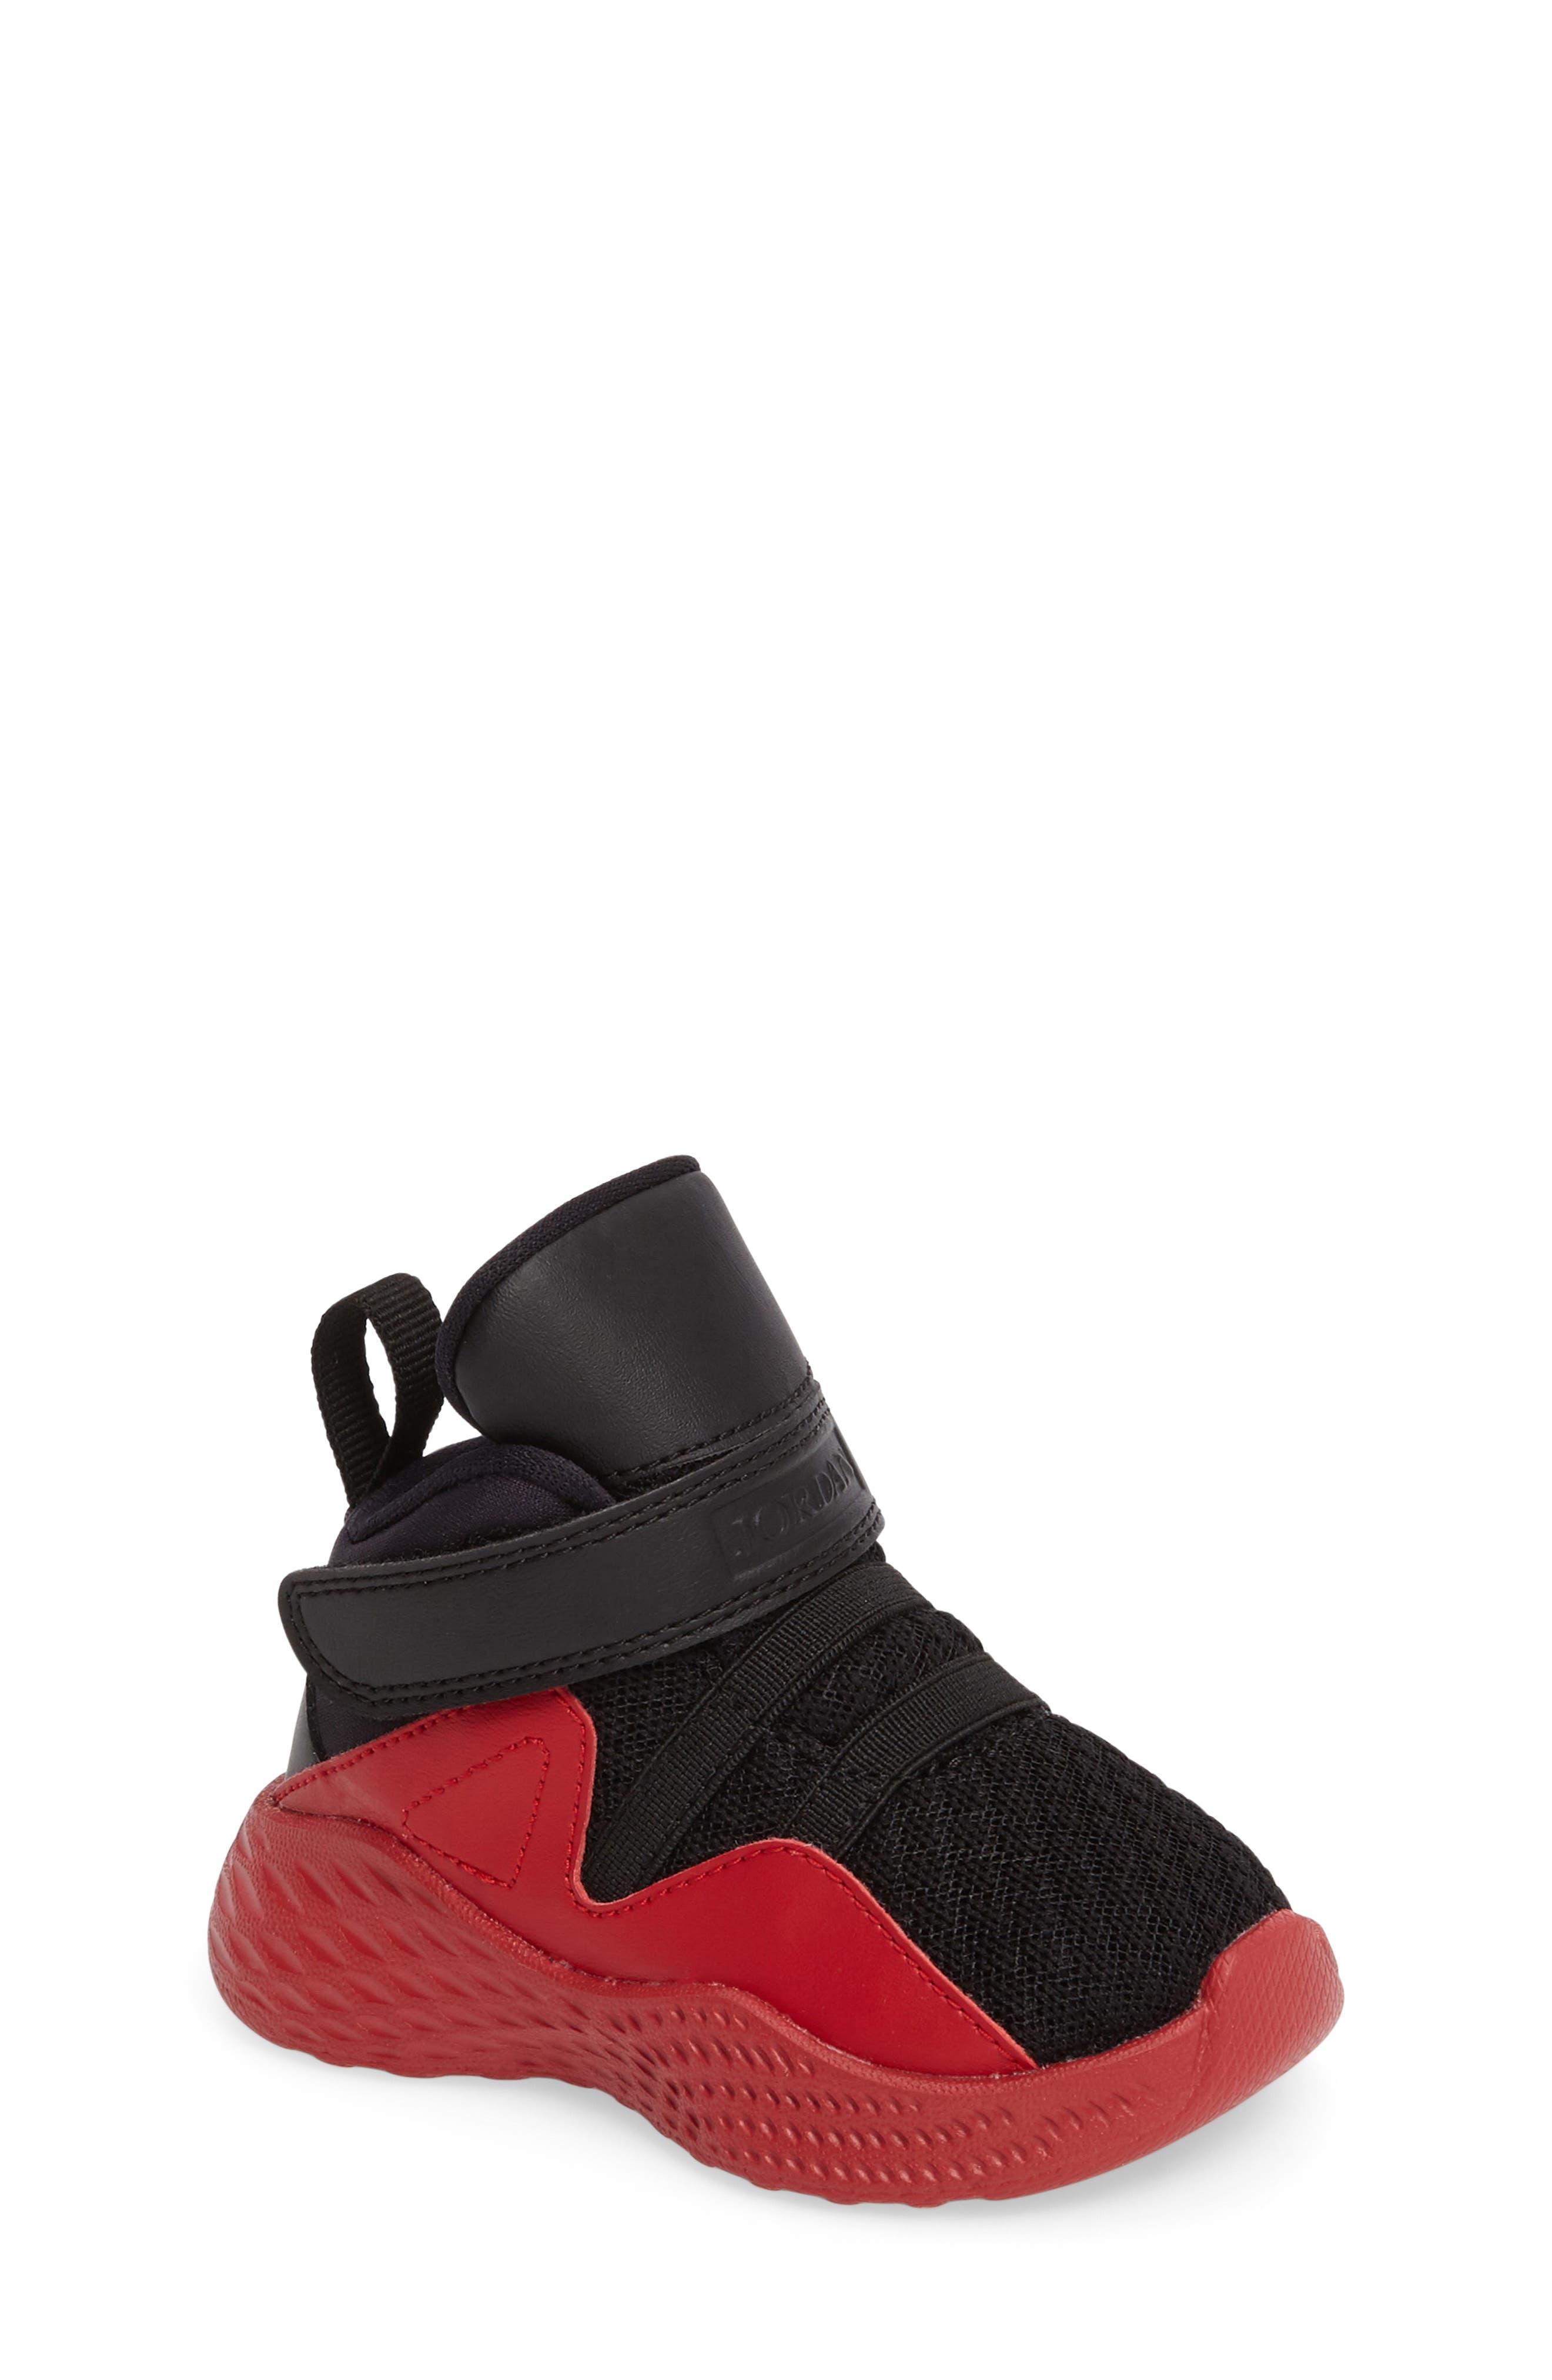 Jordan Formula 23 Basketball Shoe,                             Main thumbnail 2, color,